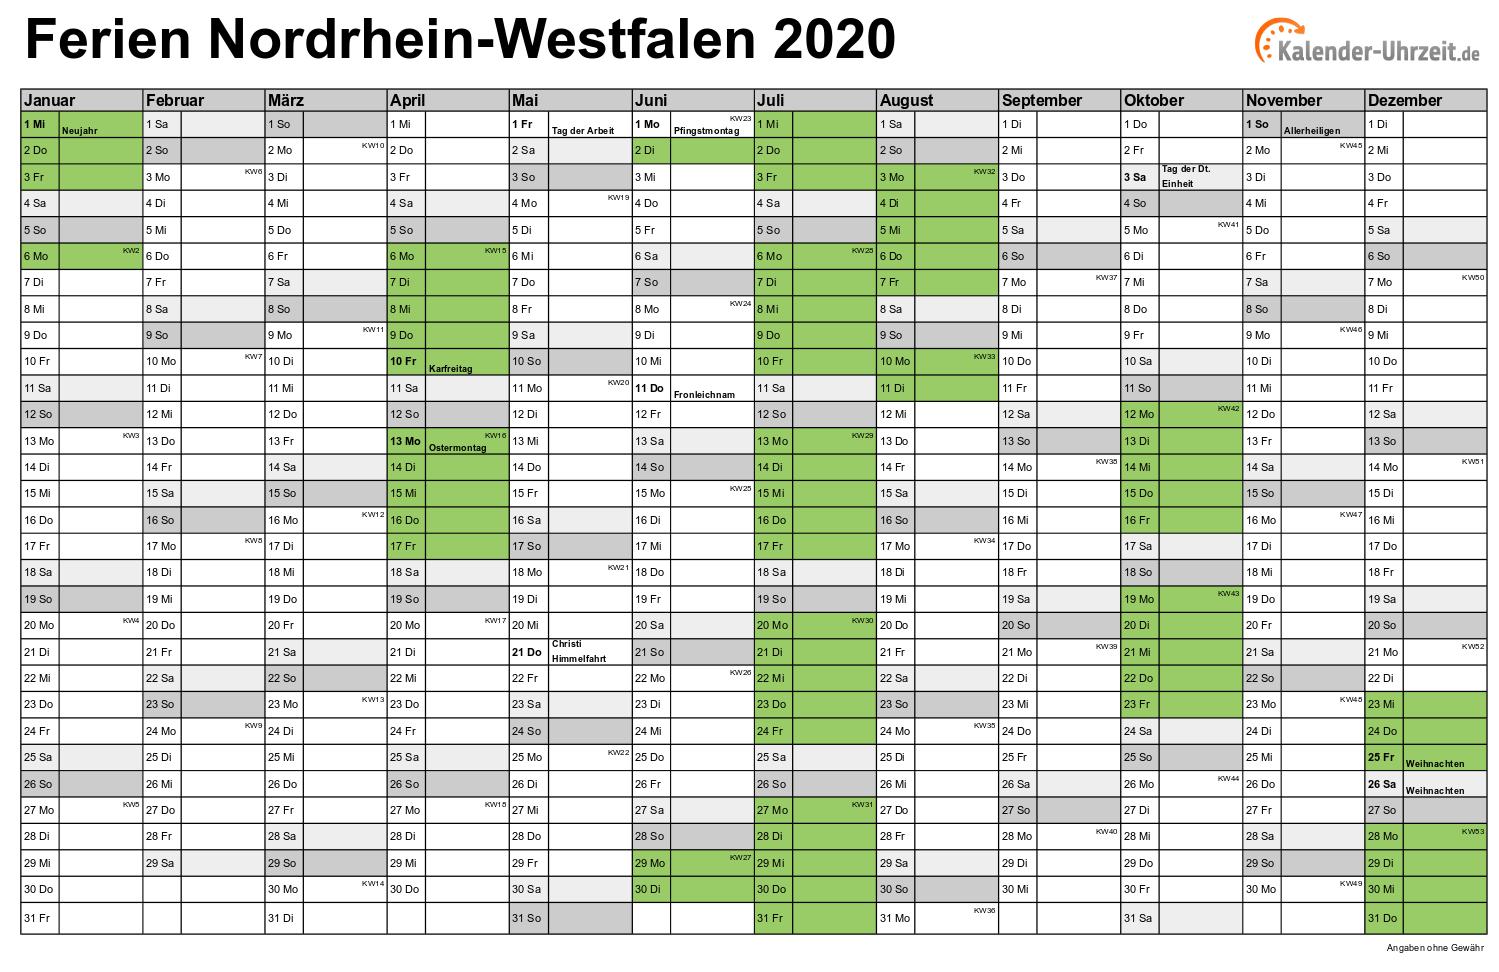 Ferien Nordrhein Westfalen 2020 Ferienkalender Zum Ausdrucken